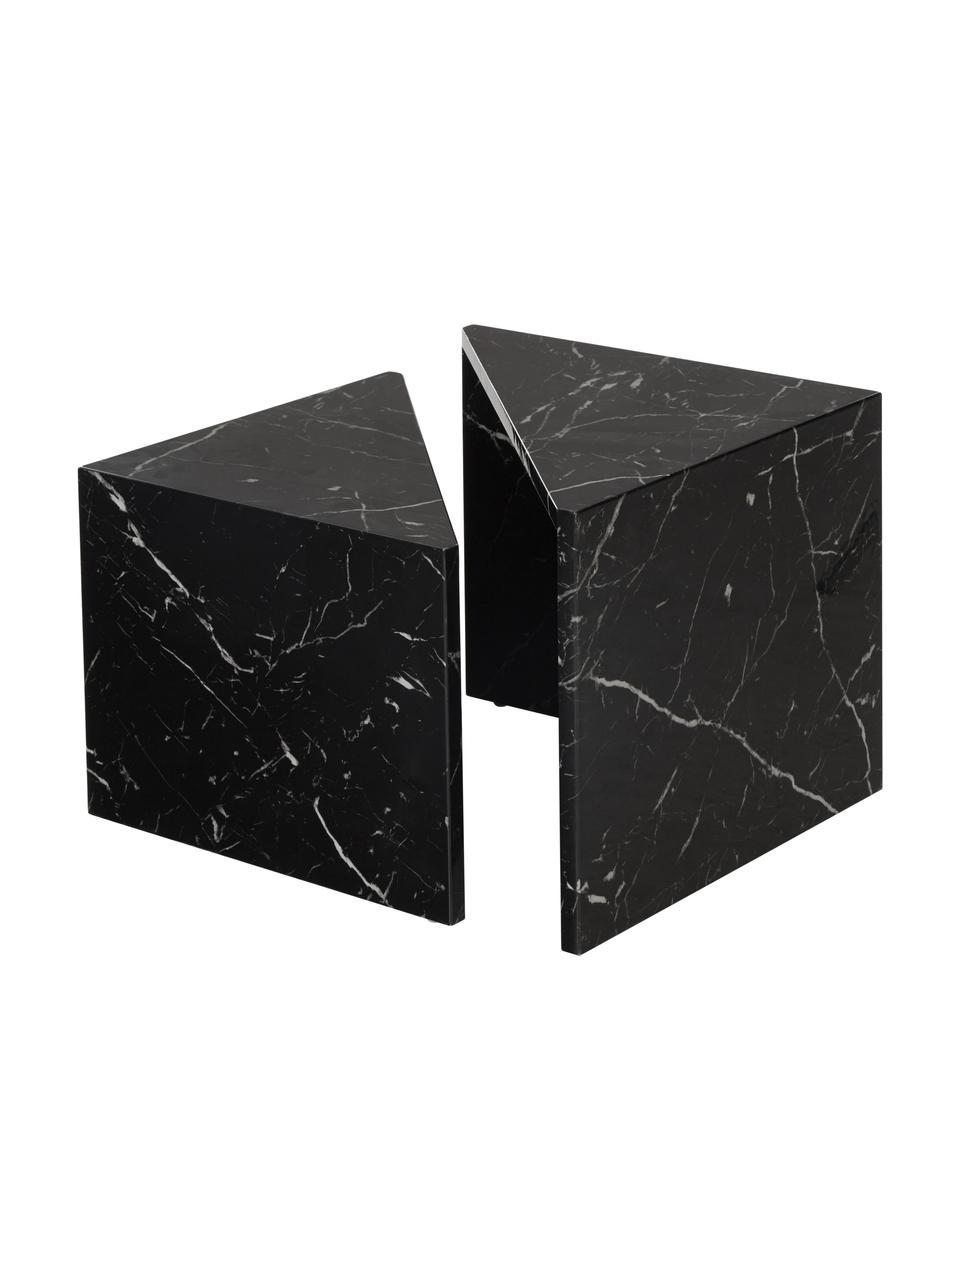 Couchtisch 2er-Set Vilma in Marmor-Optik, Mitteldichte Holzfaserplatte (MDF), mit lackbeschichtetem Papier in Marmoroptik überzogen, Schwarz marmoriert, glänzend, Sondergrößen